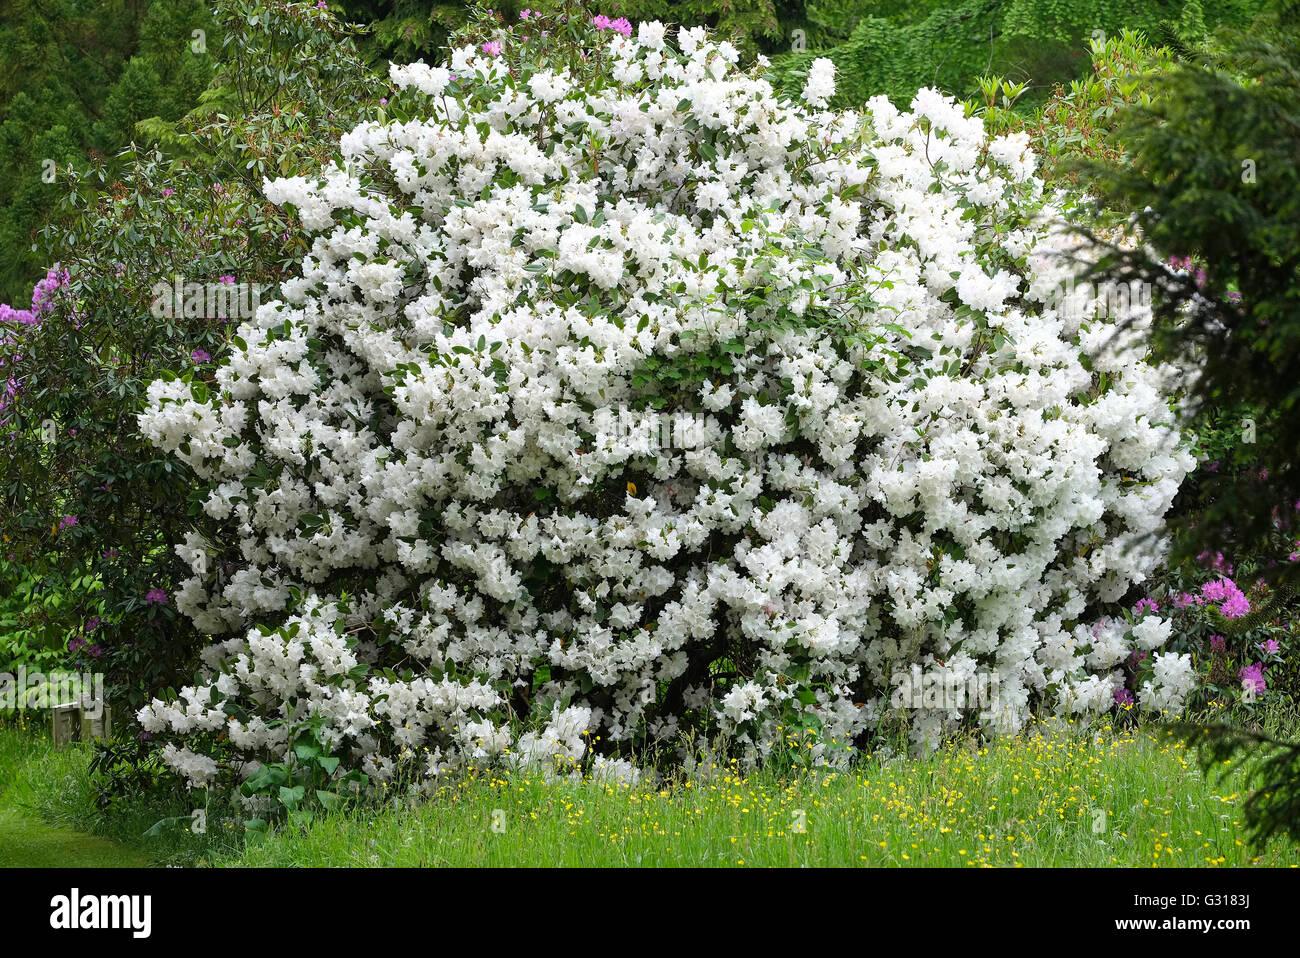 rhododendron online dating Liebe und dating  schwarzes brett   auf rund 46 hektar ist platz für über 10000 rhododendron- und azaleen-büsche  ©2018 bremenonline.